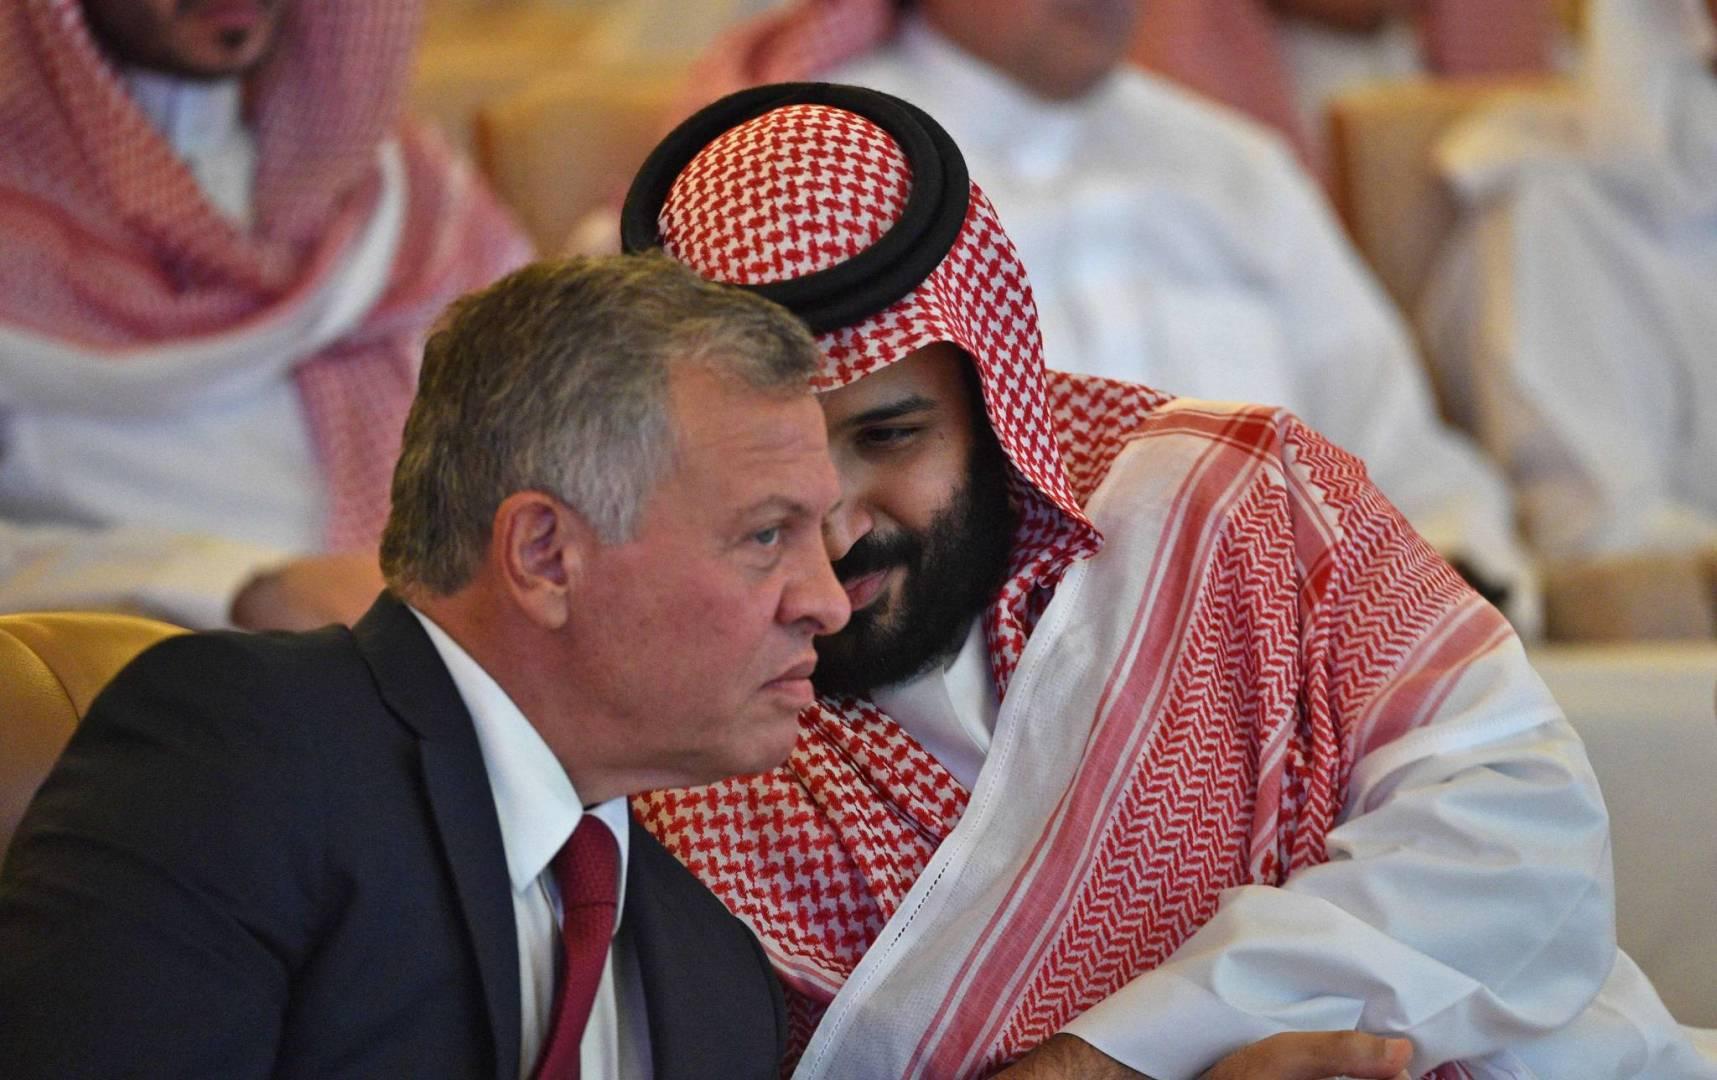 لقاء سابق بين الأمير محمد بن سلمان وعاهل الأردن